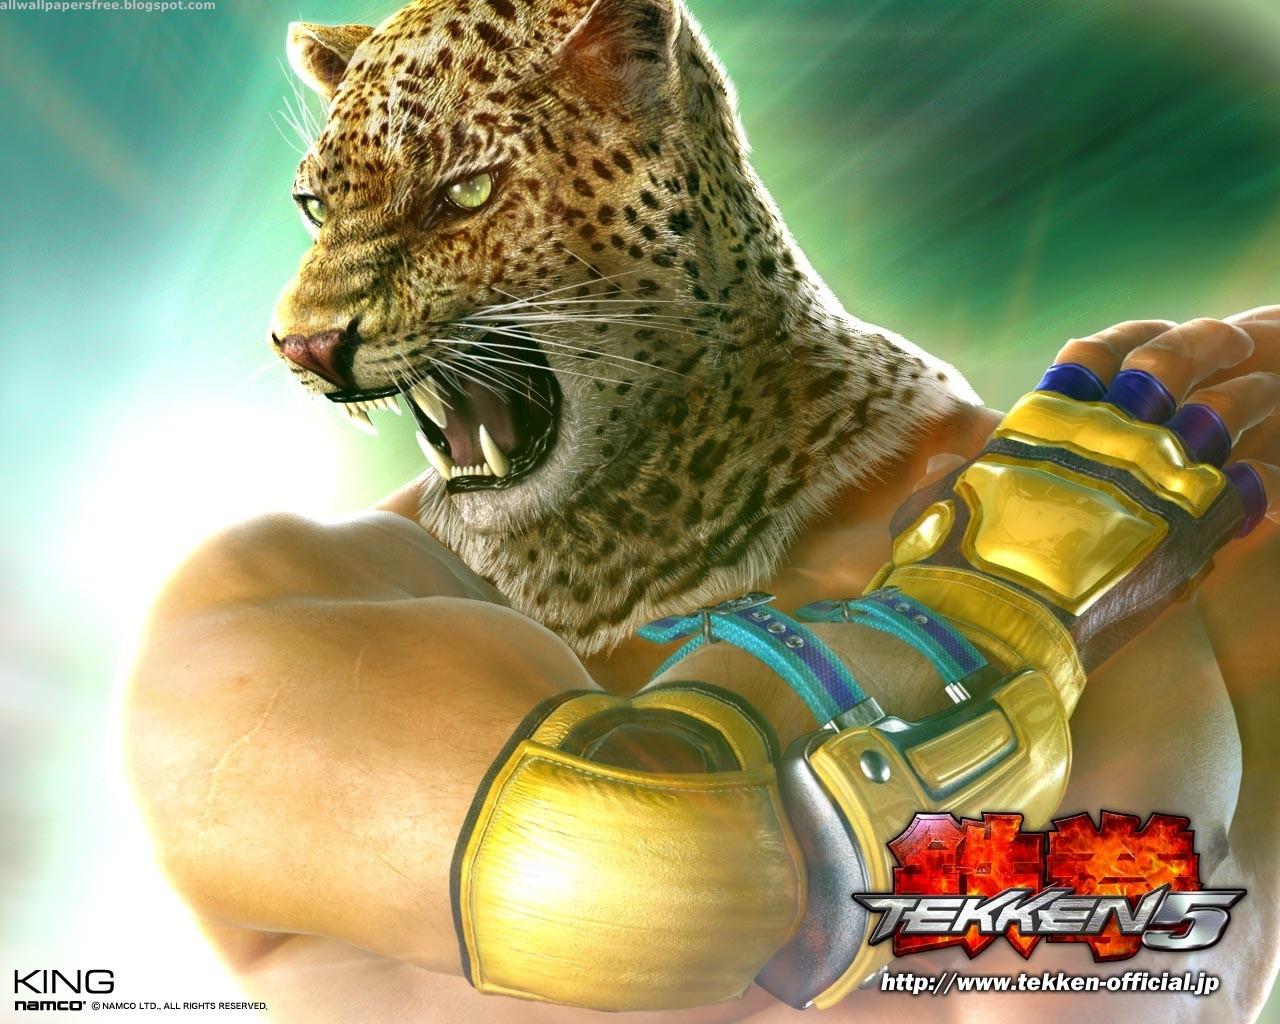 Tekken 5 pc game free download full version.